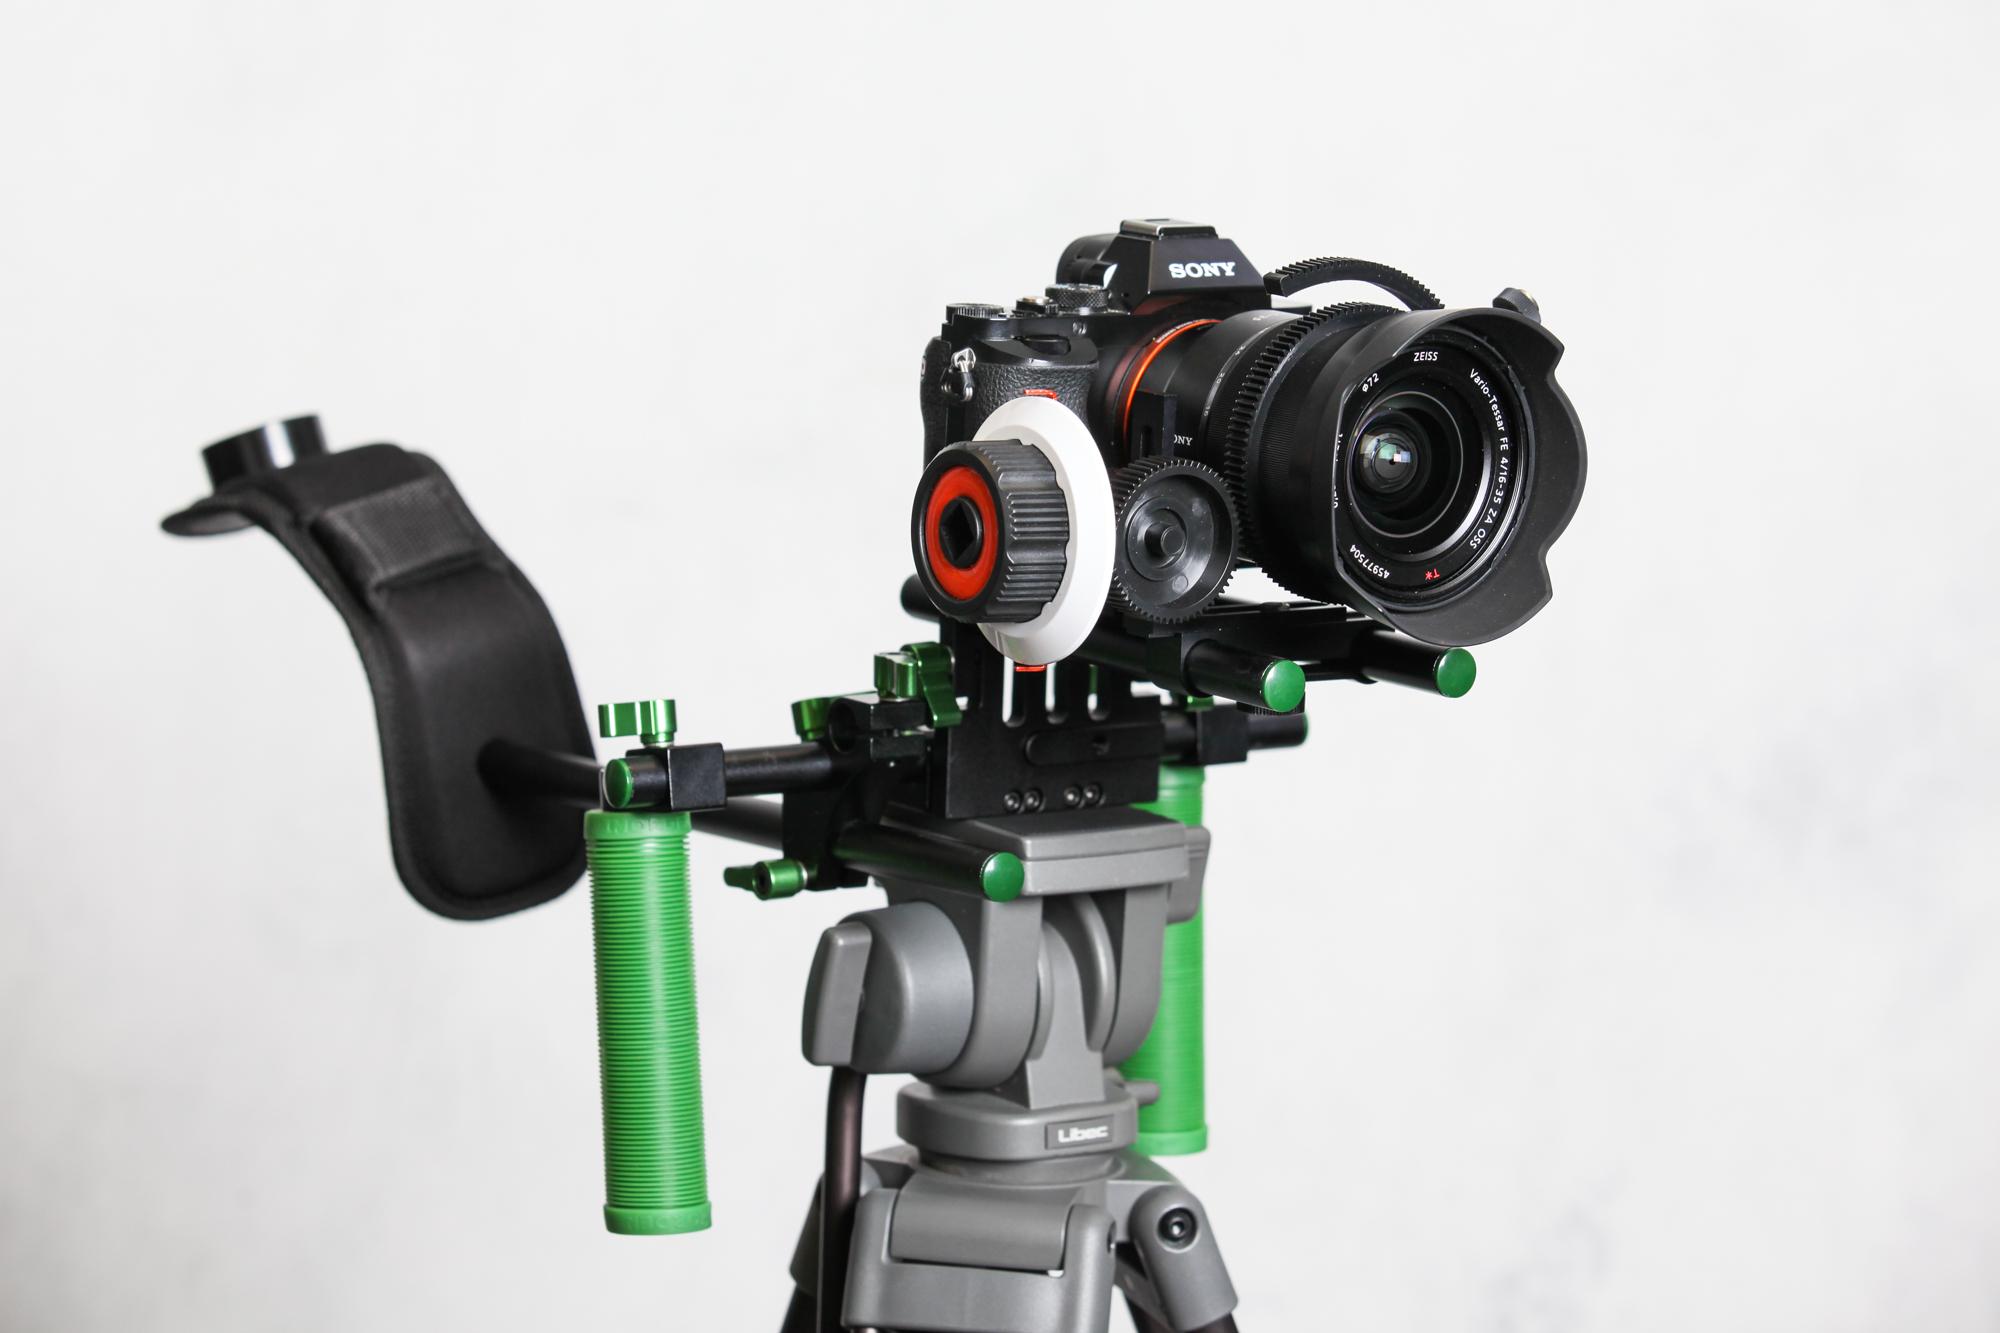 Imorden Ir 02 Camera Shoulder Mount Rig Review